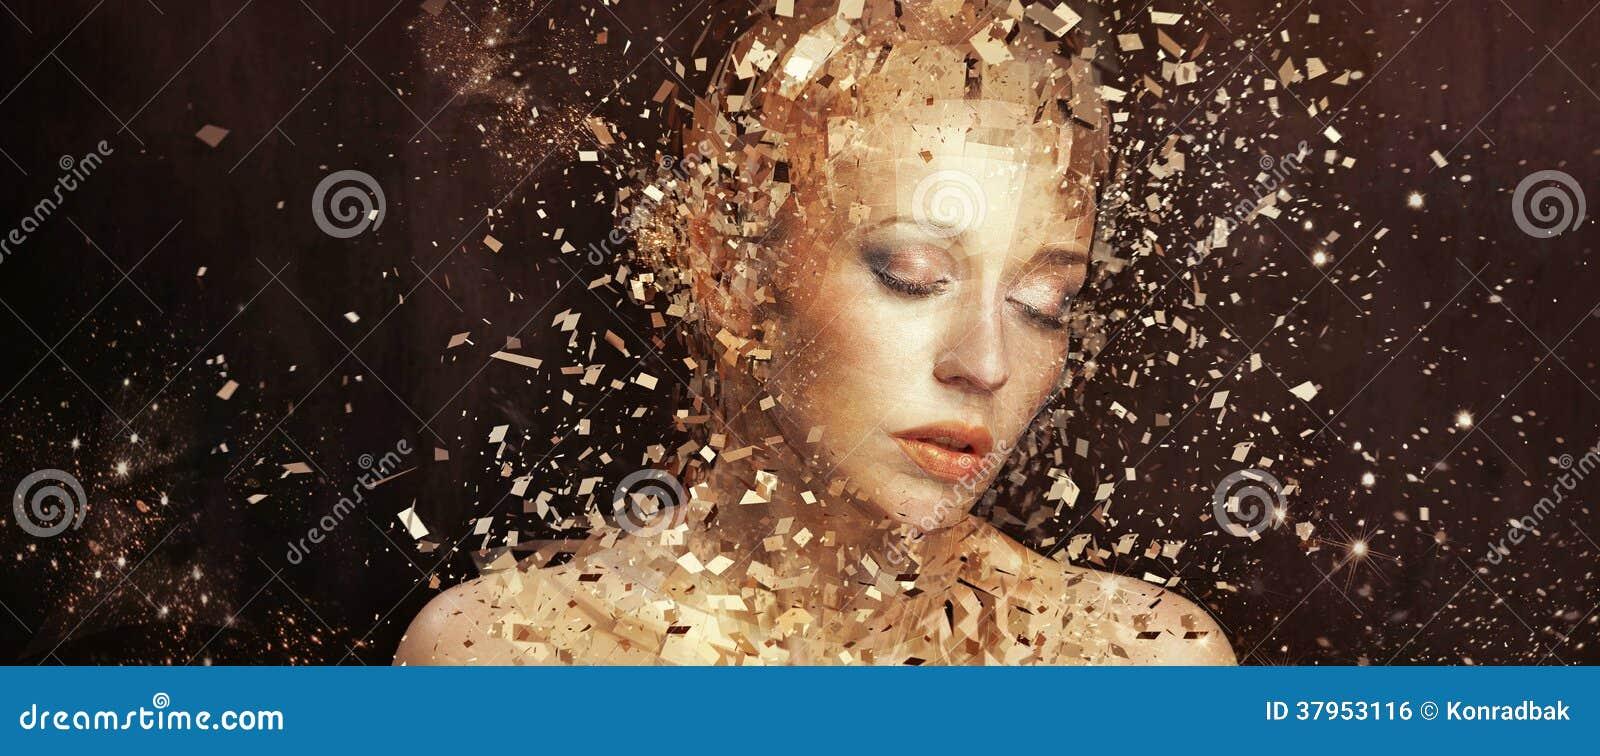 Sztuki fotografia odszczepia tysiące elementy złota kobieta